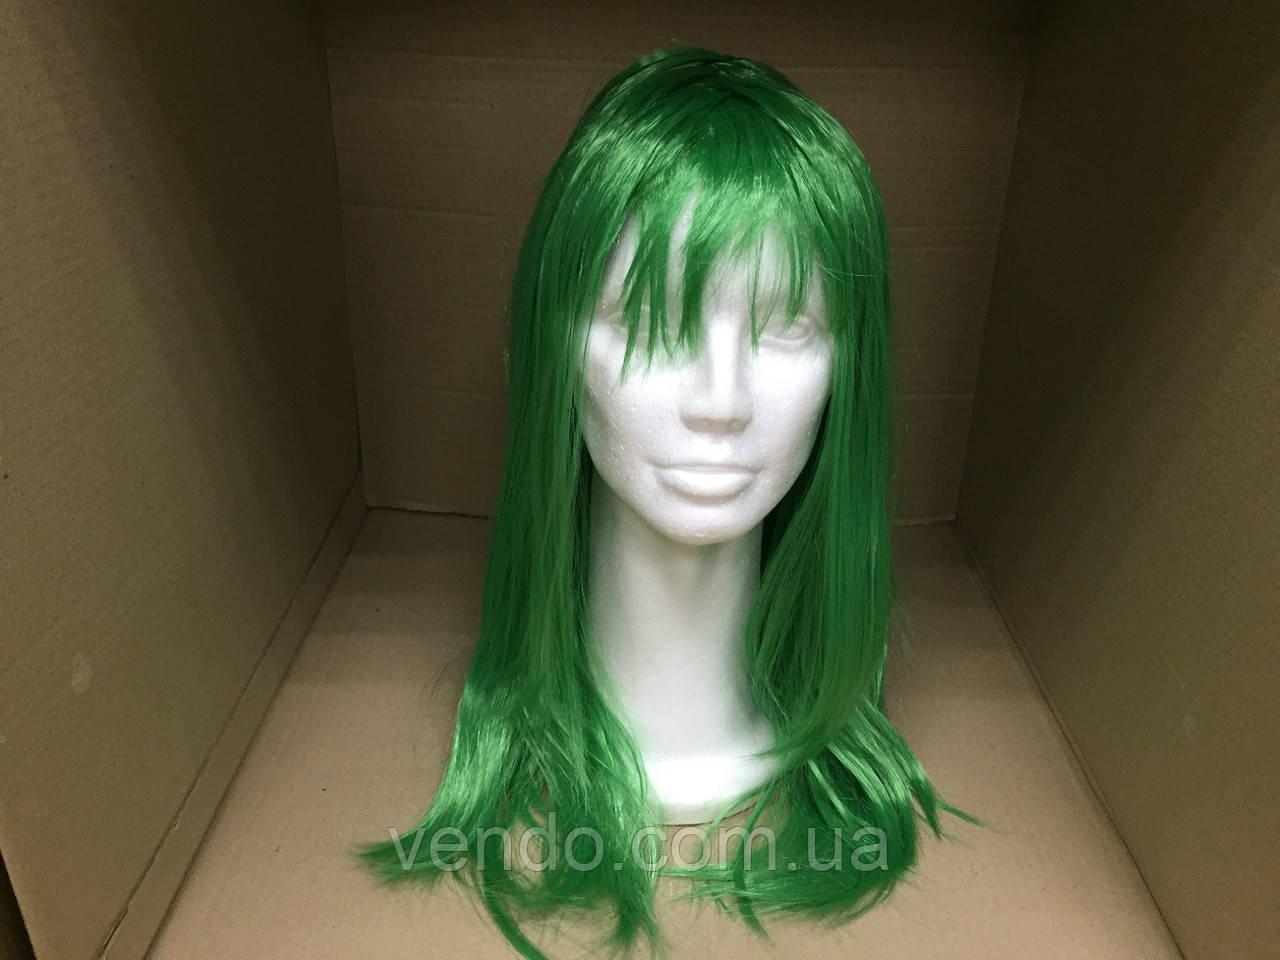 Парик длинный прямой изумрудный зеленый 56 см